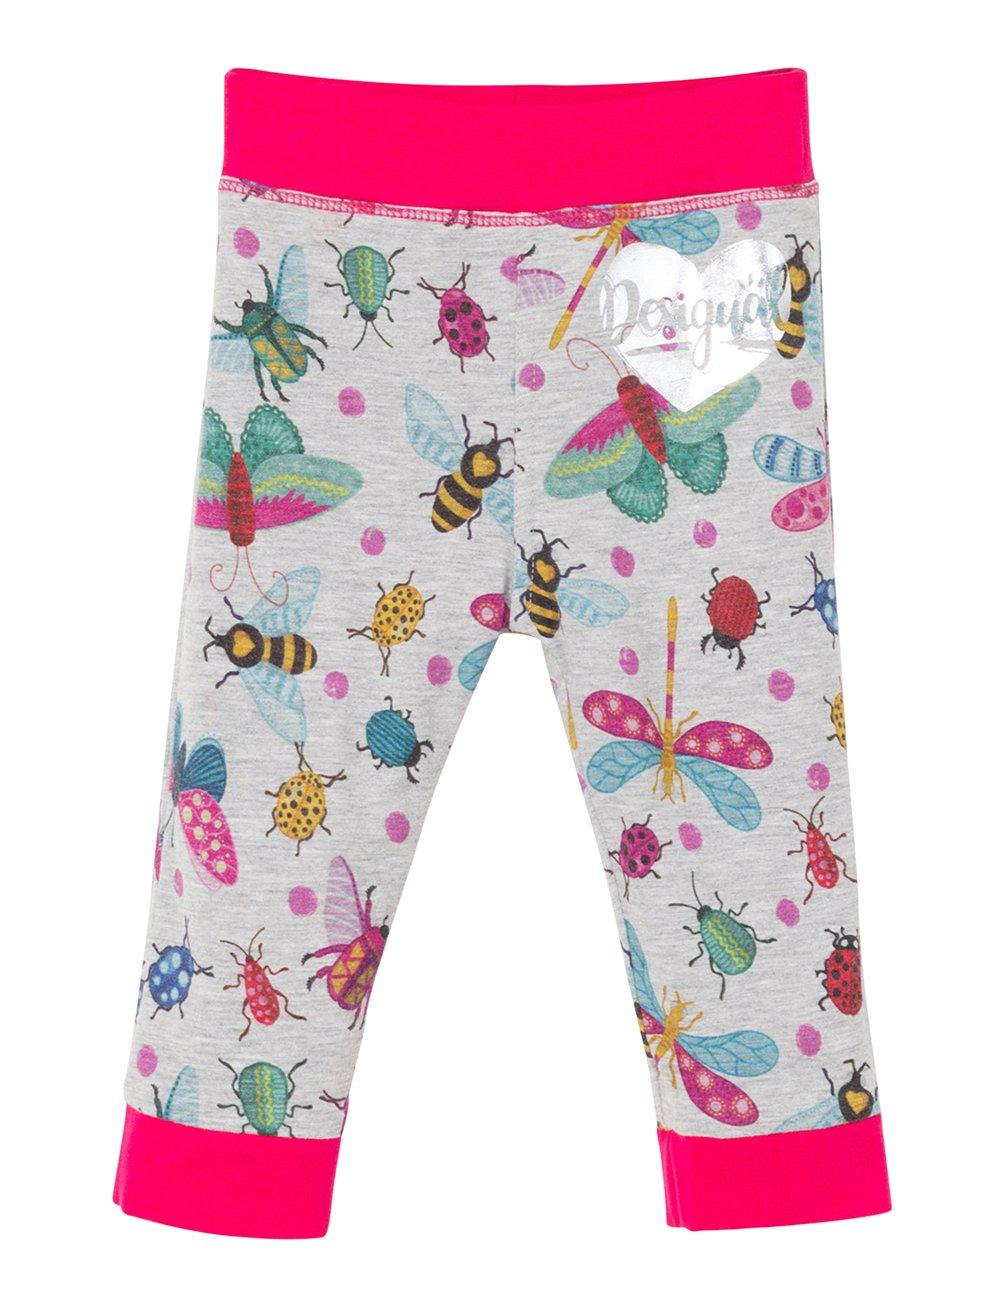 Desigual Pant_ahslan Pantalones de Deporte para Bebés 3